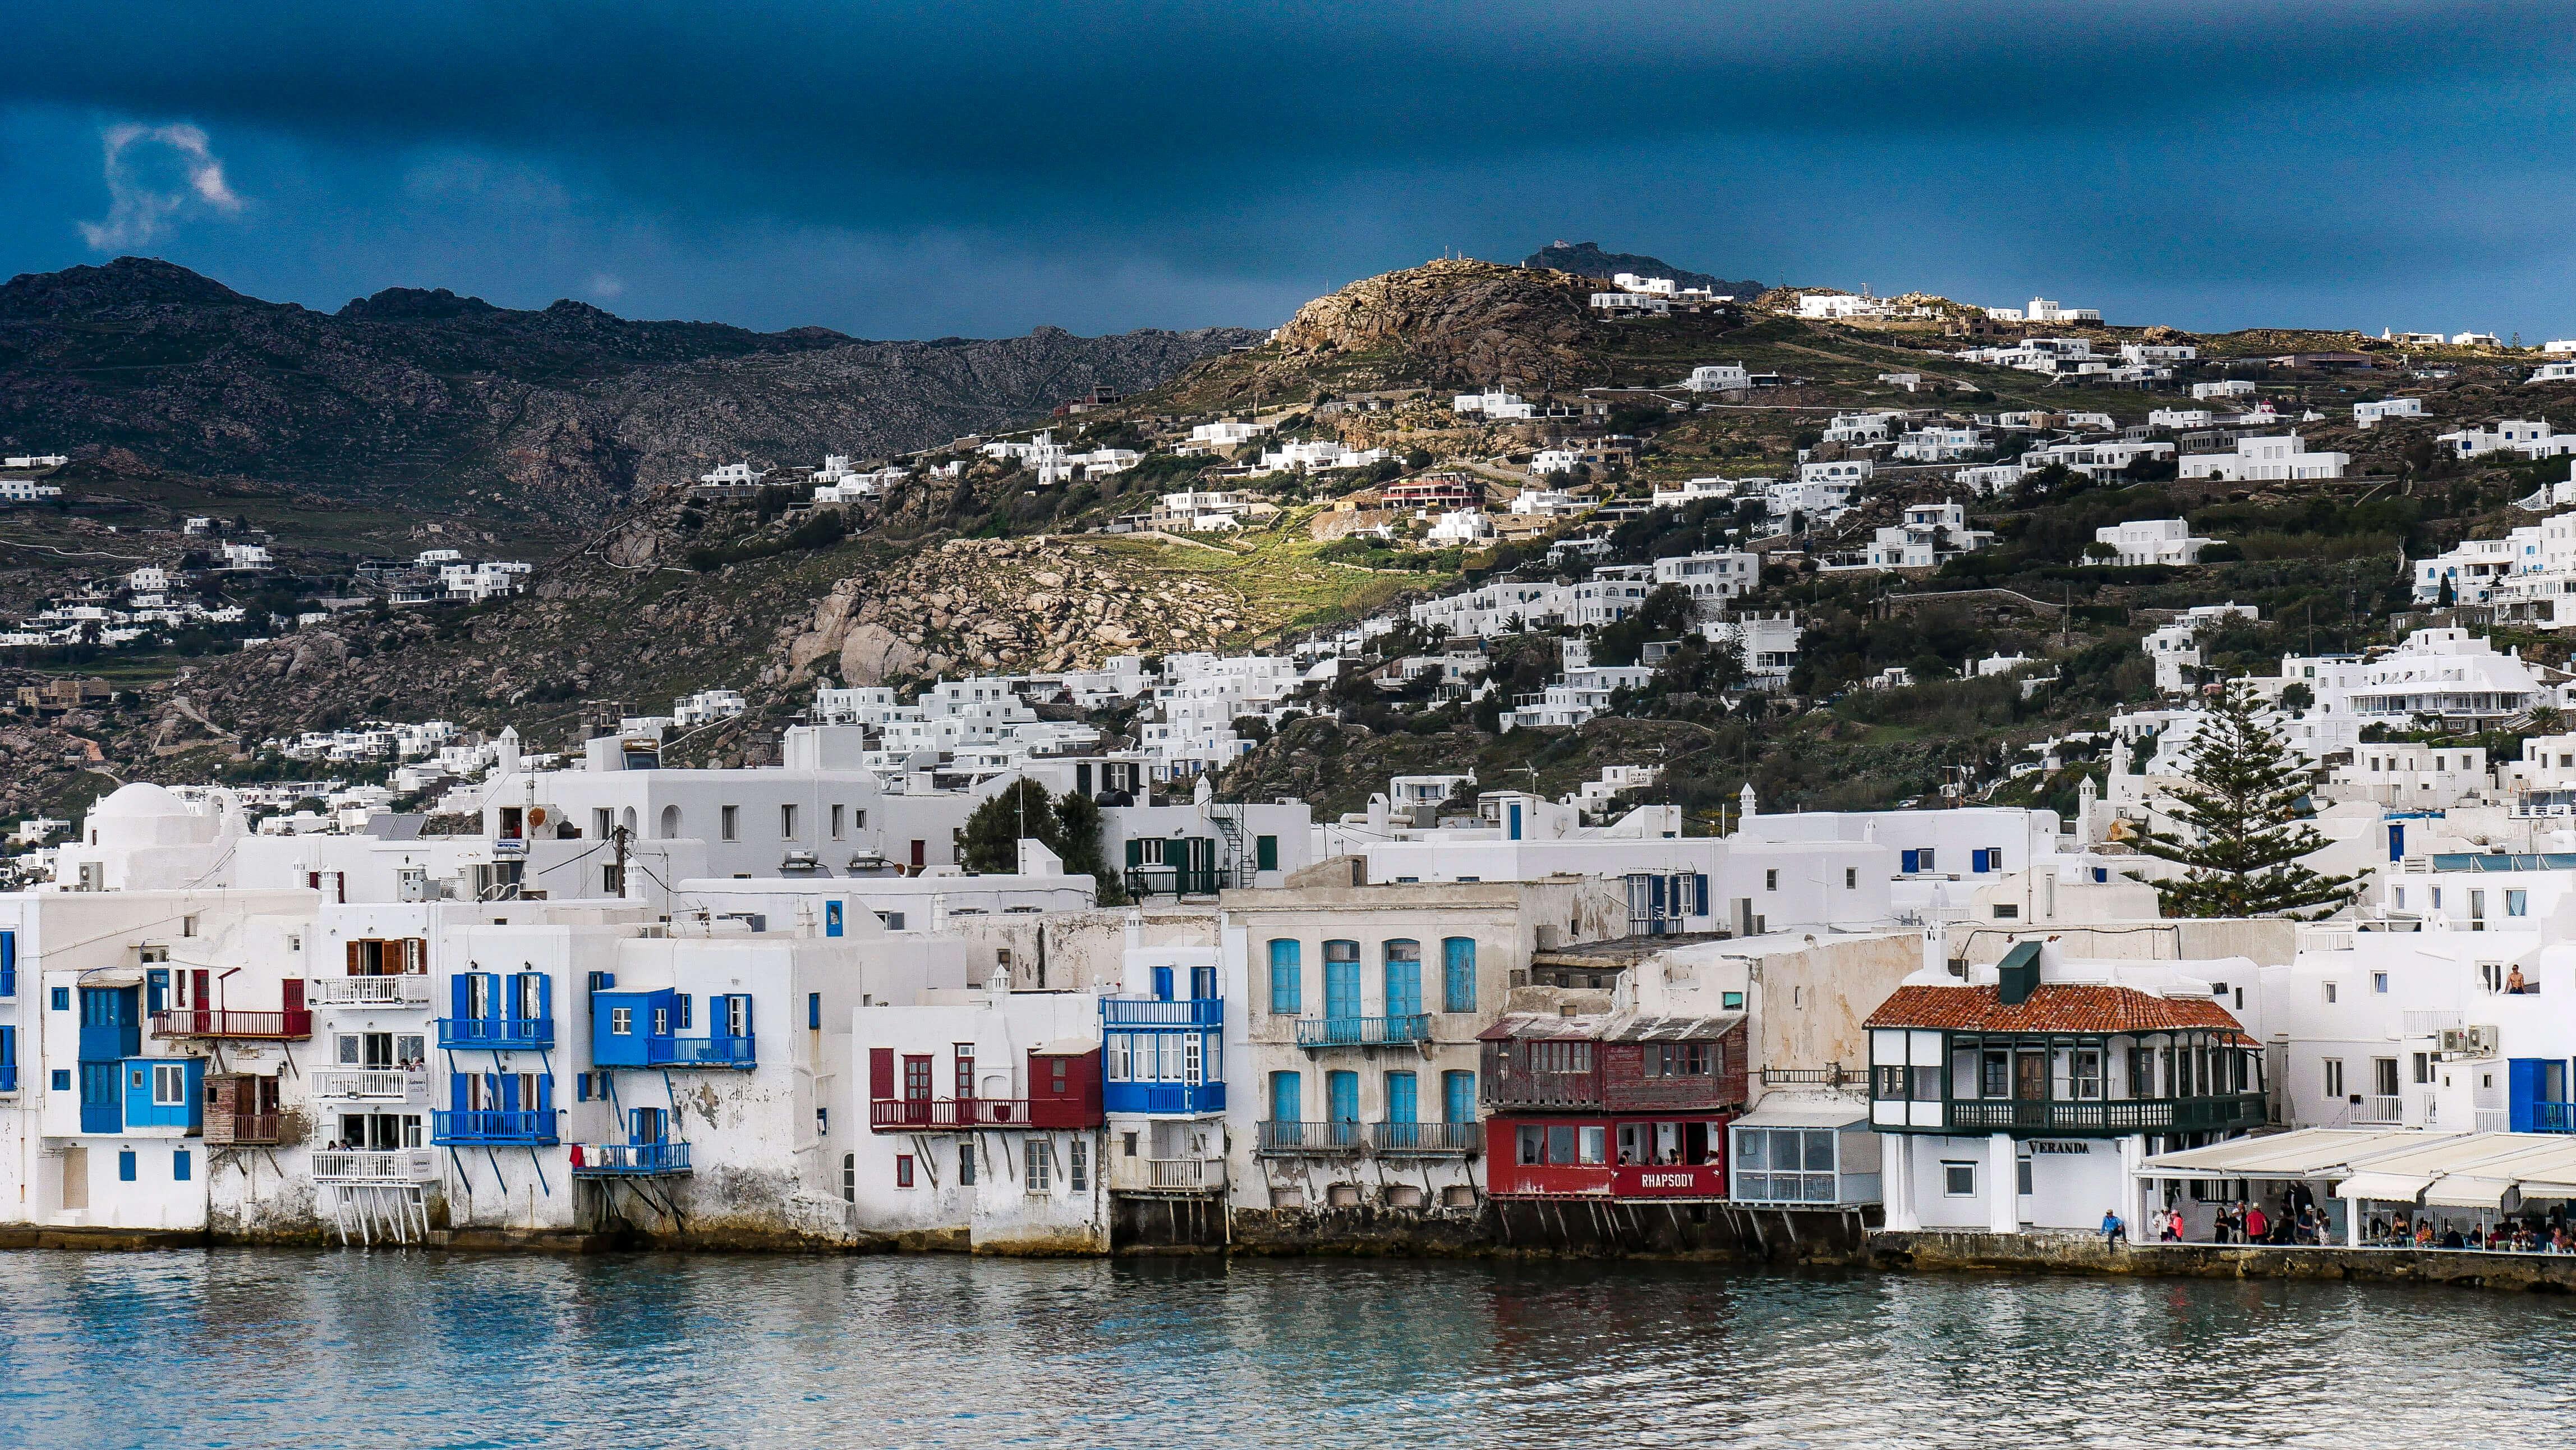 Les façades de Little de Venice à Chora, Mykonos, Grèce